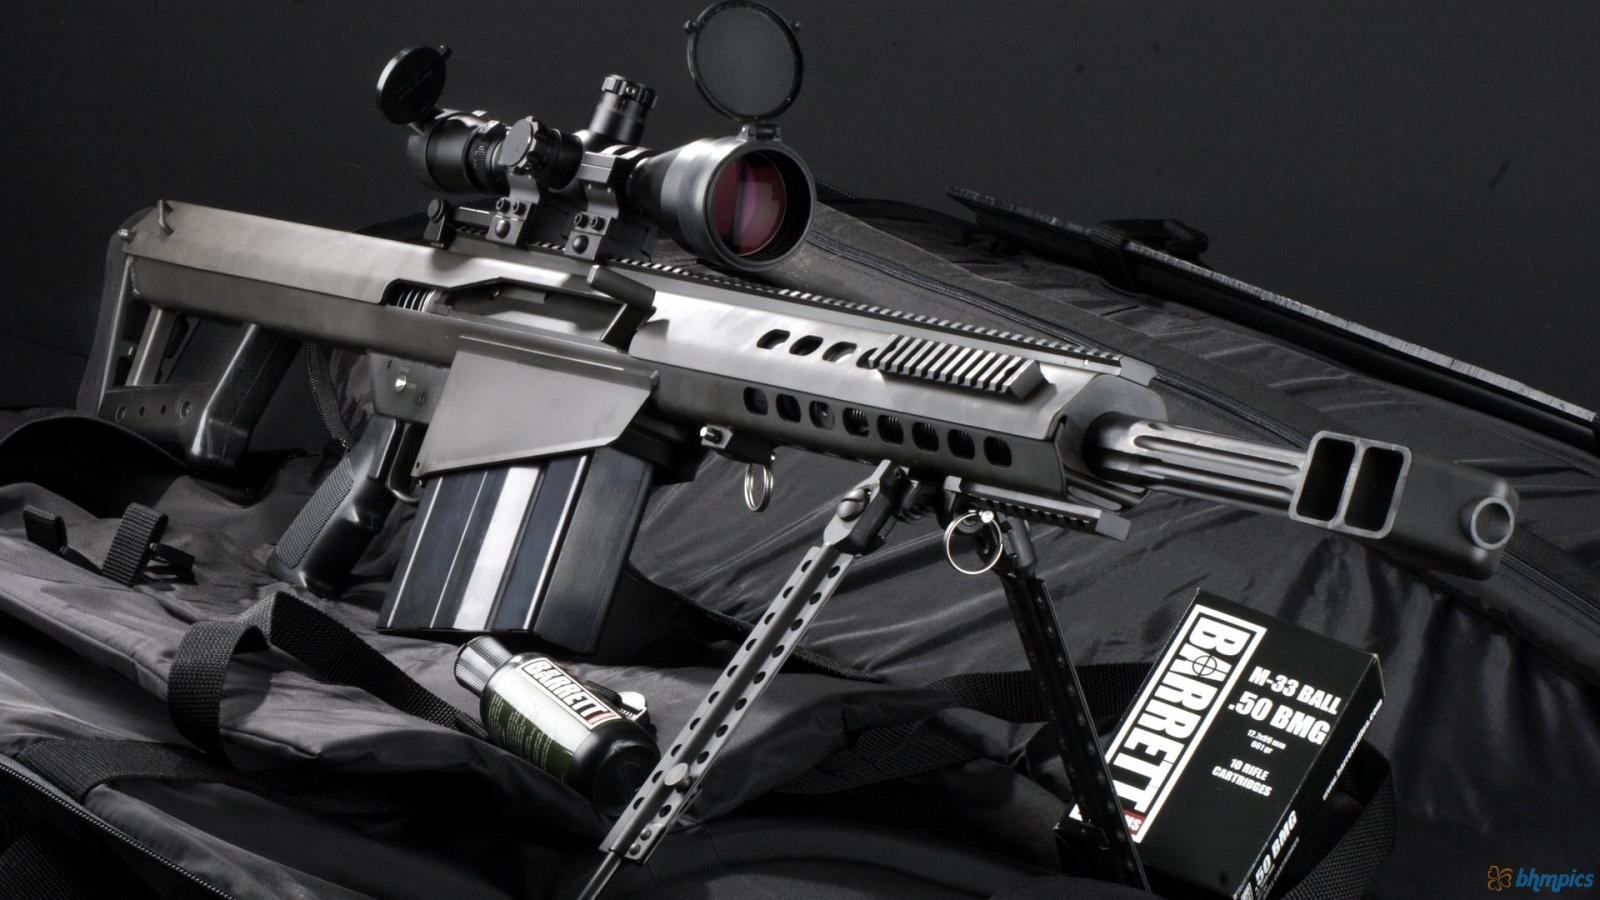 Sniper Rifle M82a1 1600x900 1788 HD Wallpaper Res 1600x900